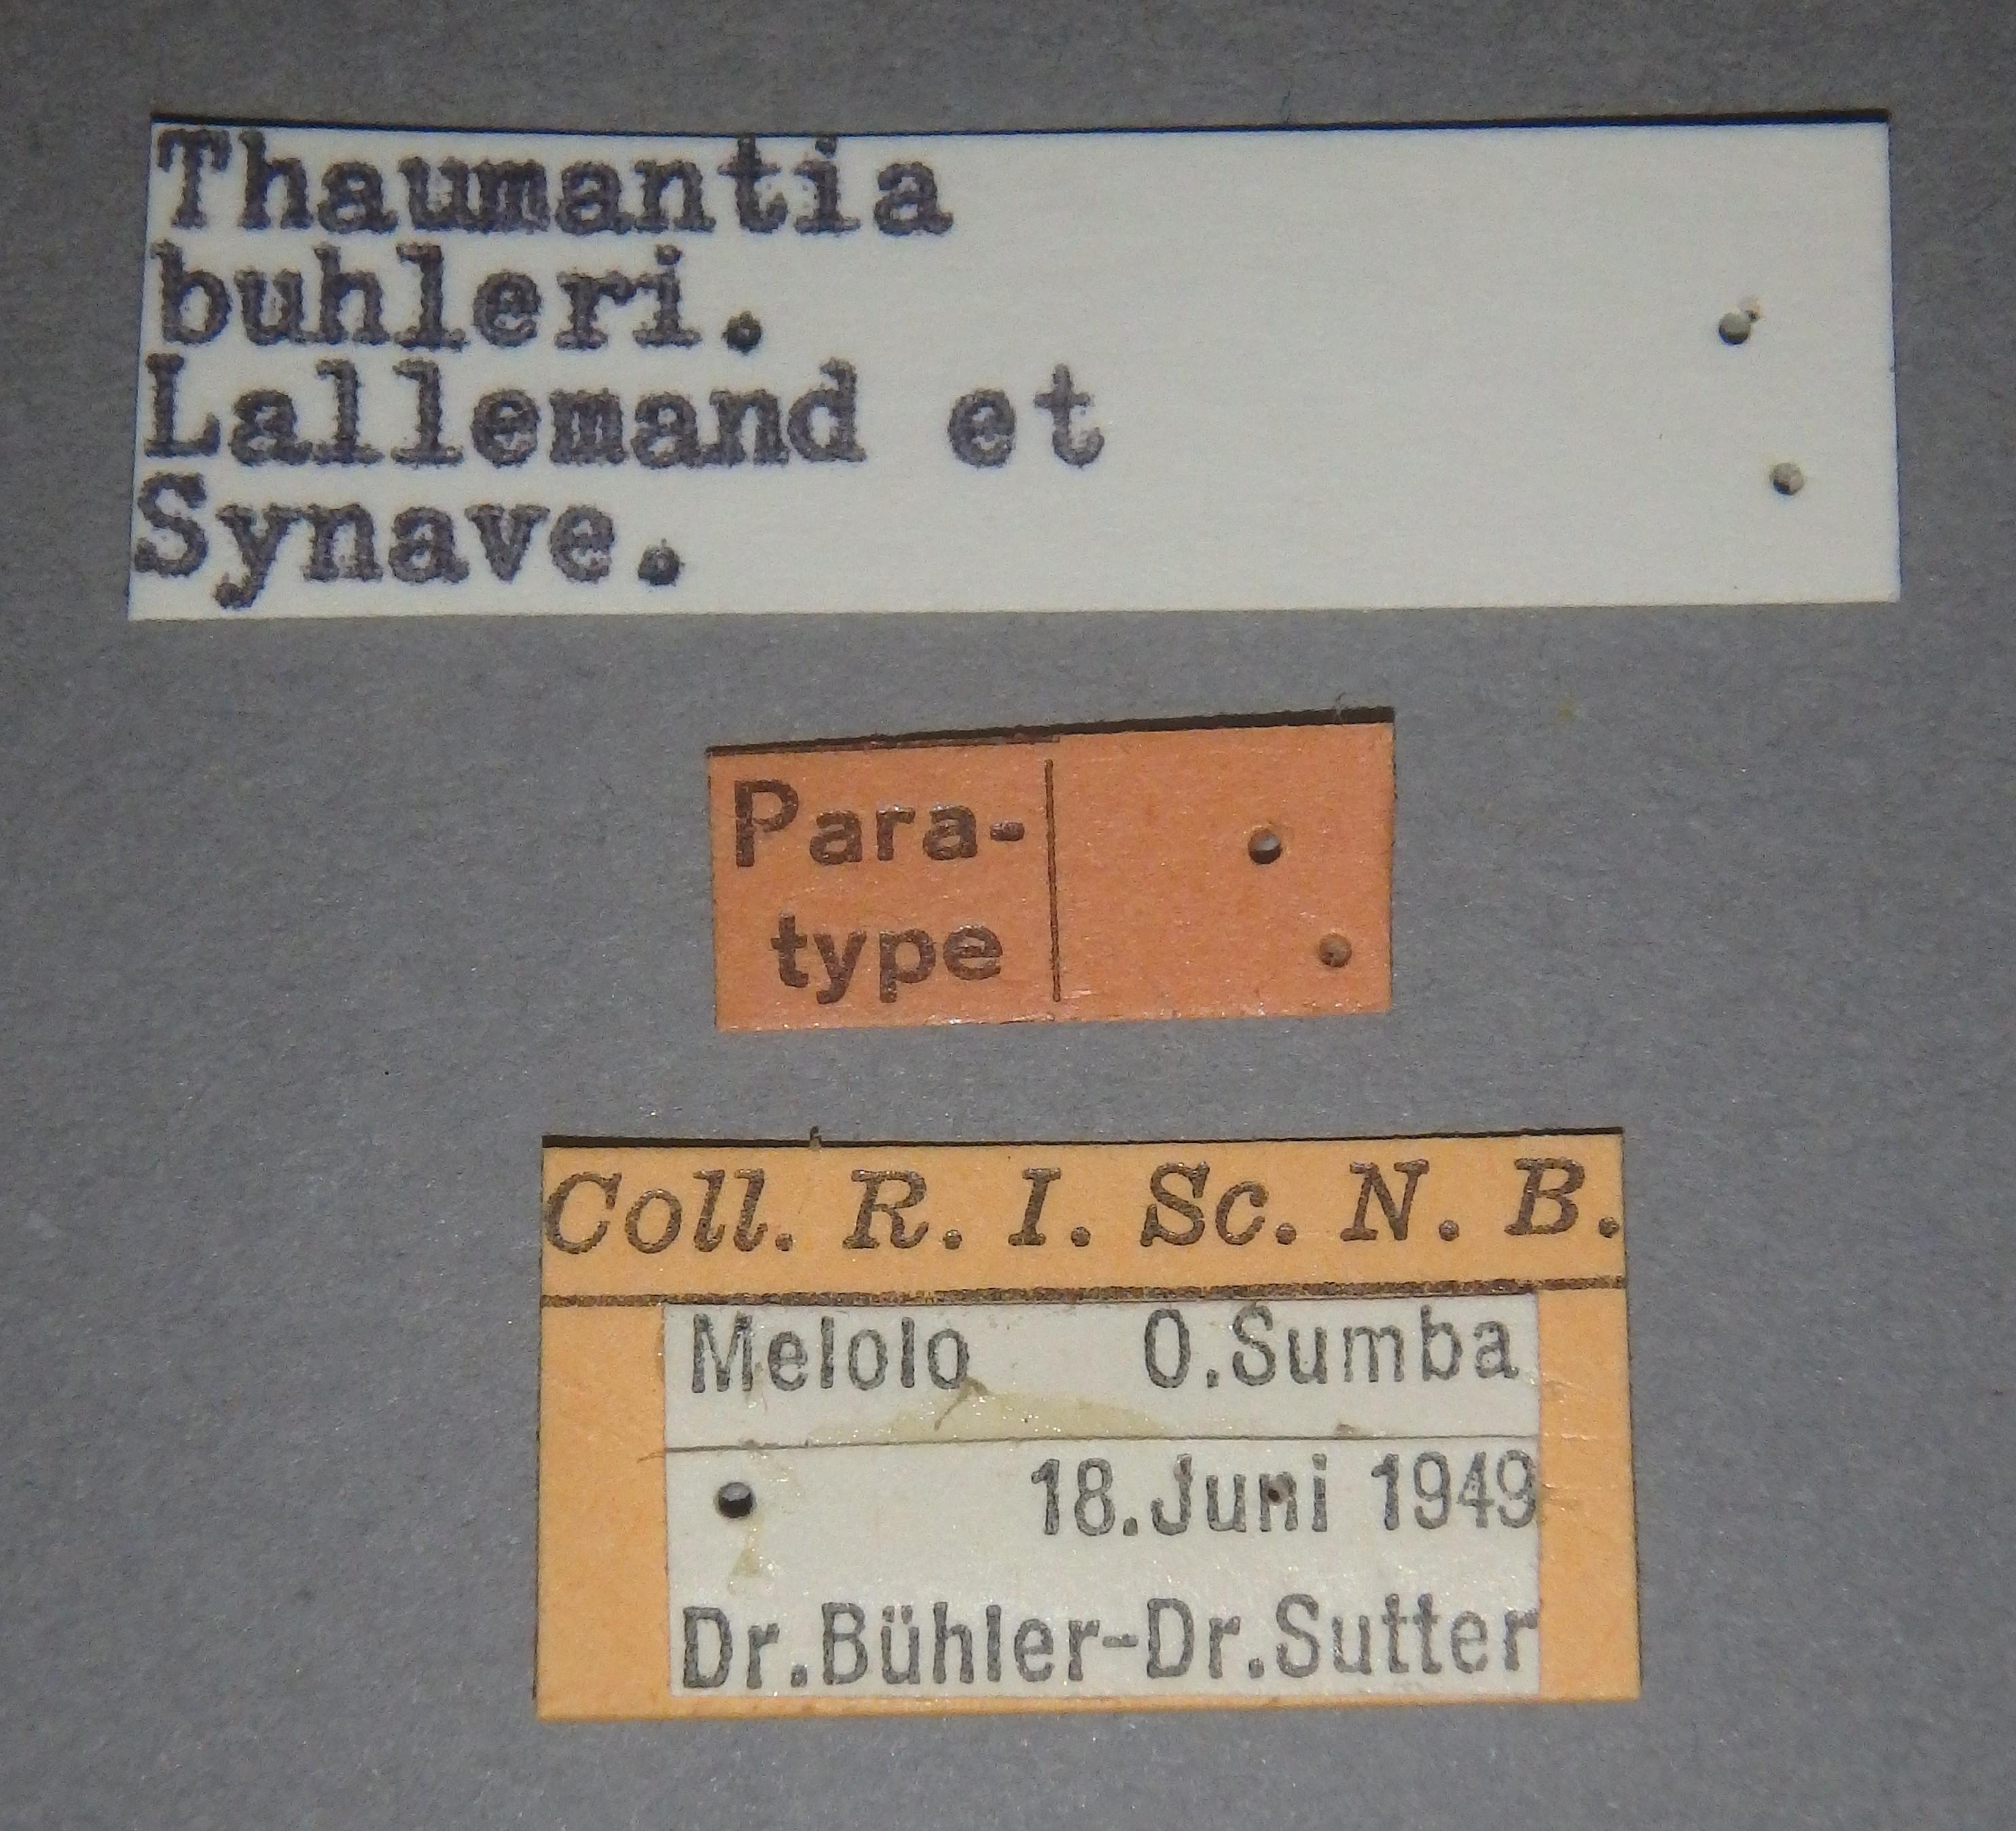 Thaumantia buhleri pt2 Lb.JPG